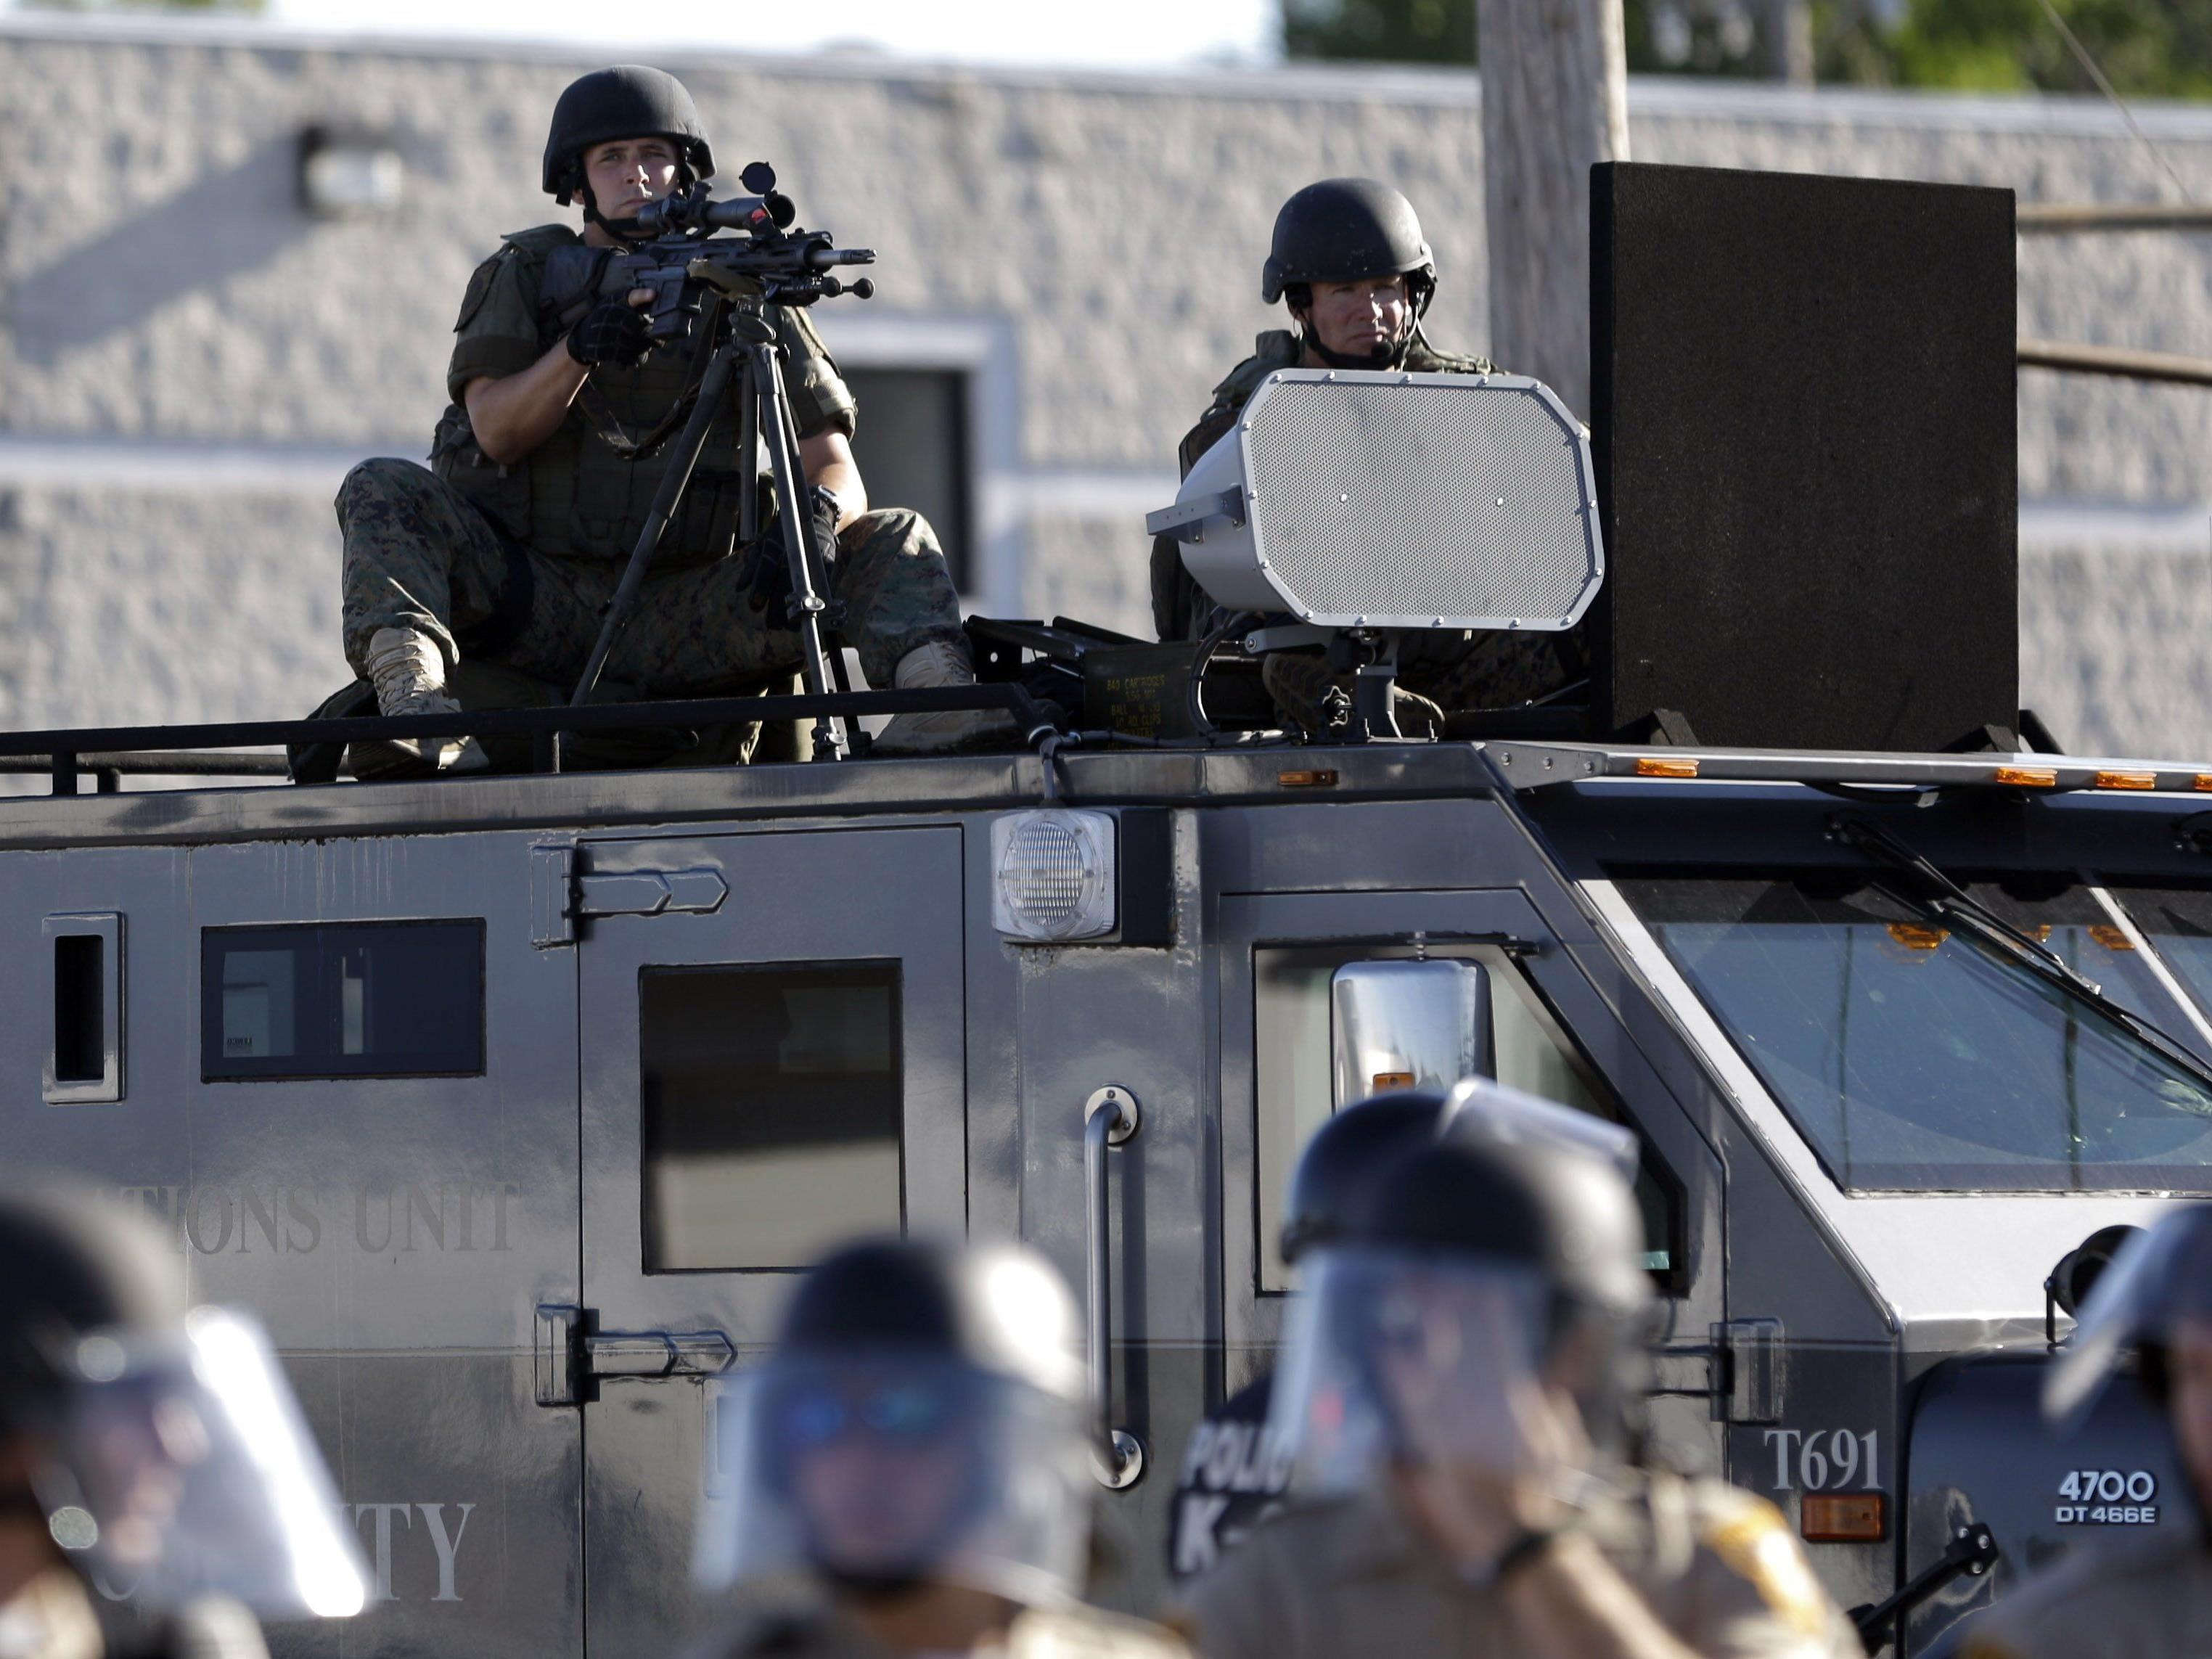 Einsätze wie dieser in Ferguson lösten heftige Kritik an der Polizei aus.